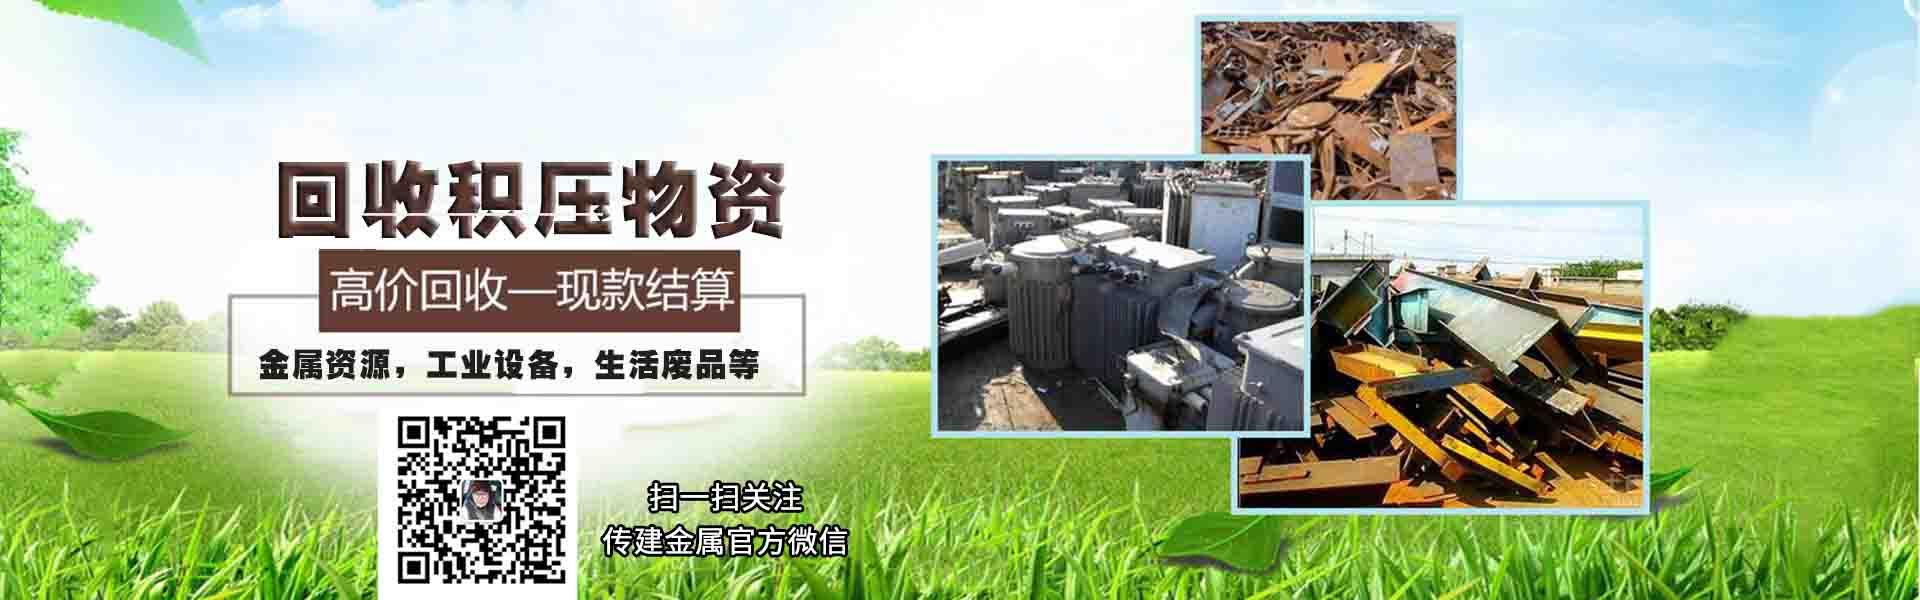 烟台设备回收  烟台金属回收